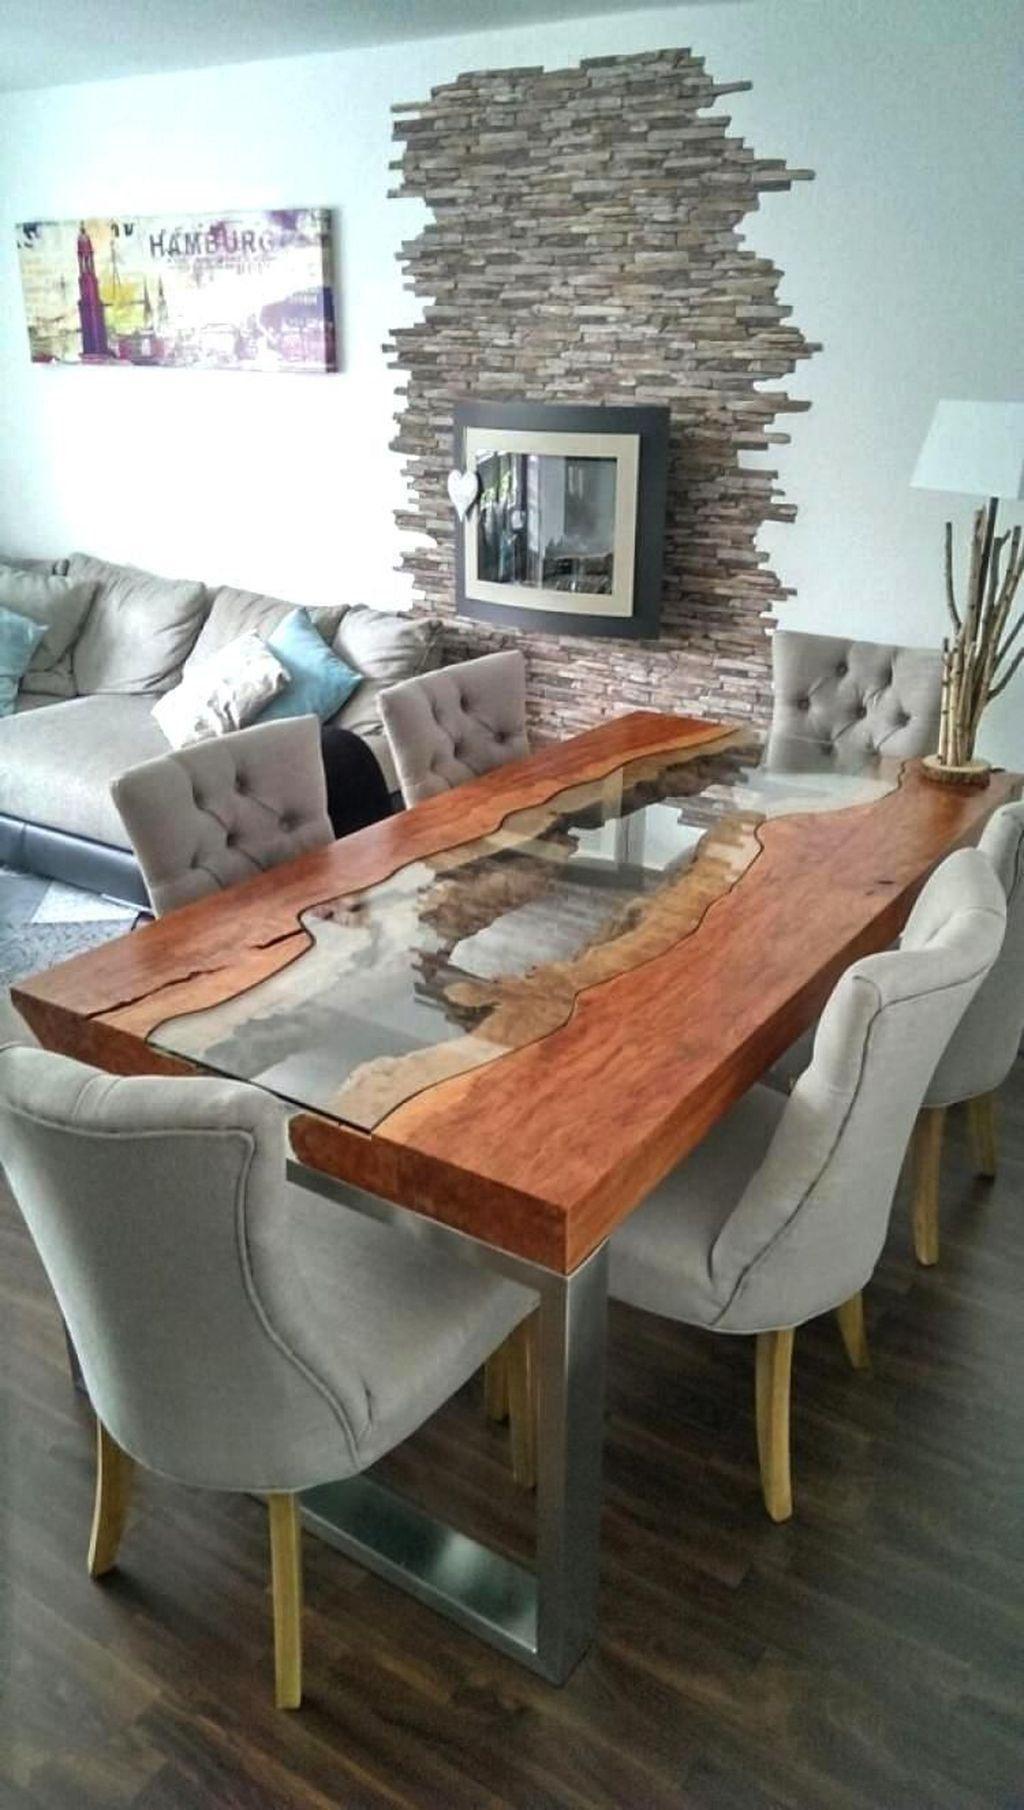 25 صورة ل تصاميم طاولات طعام غريبة ومنوعة بيوت منازل بنات صورة 9 Unique Dining Tables Wooden Dining Table Designs Wood Table Design